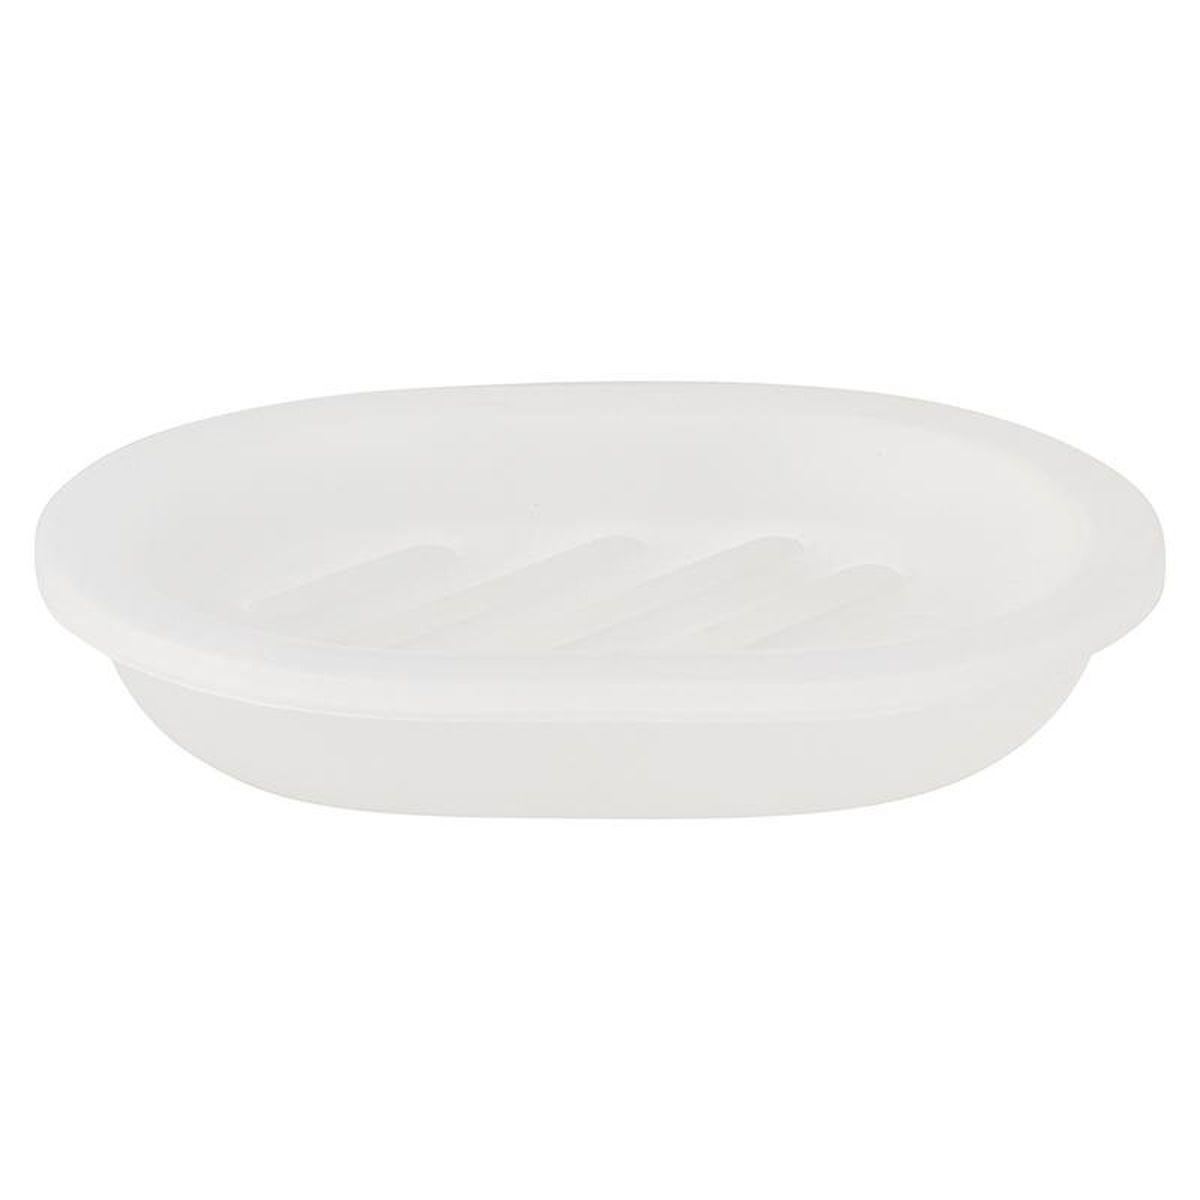 Мыльница Vanstore Summer White, 12 х 8 х 3 см377-04Оригинальная мыльница Vanstore Summer White, изготовленная из пластика, отлично подойдет для вашей ванной комнаты. Изделие отлично сочетается с другими аксессуарами из коллекции Summer White. Такая мыльница создаст особую атмосферу уюта и максимального комфорта в ванной.